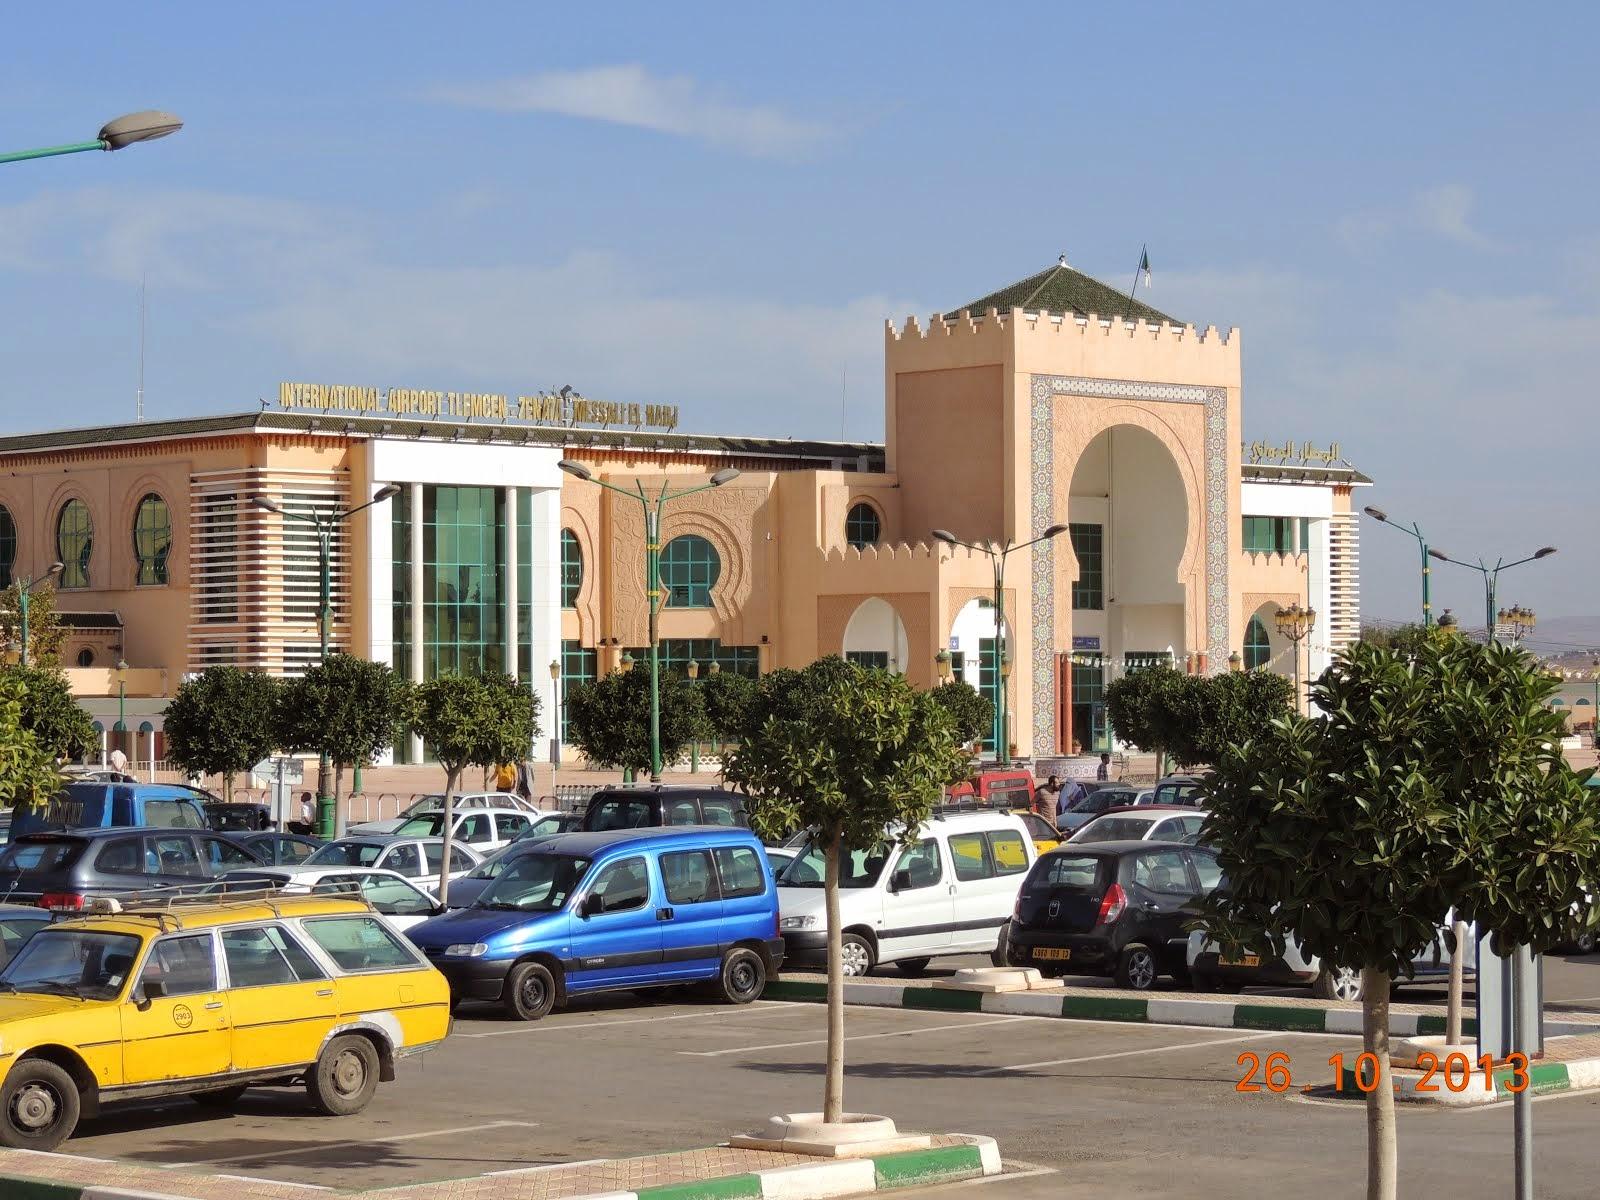 Aéroport de Tlemcen